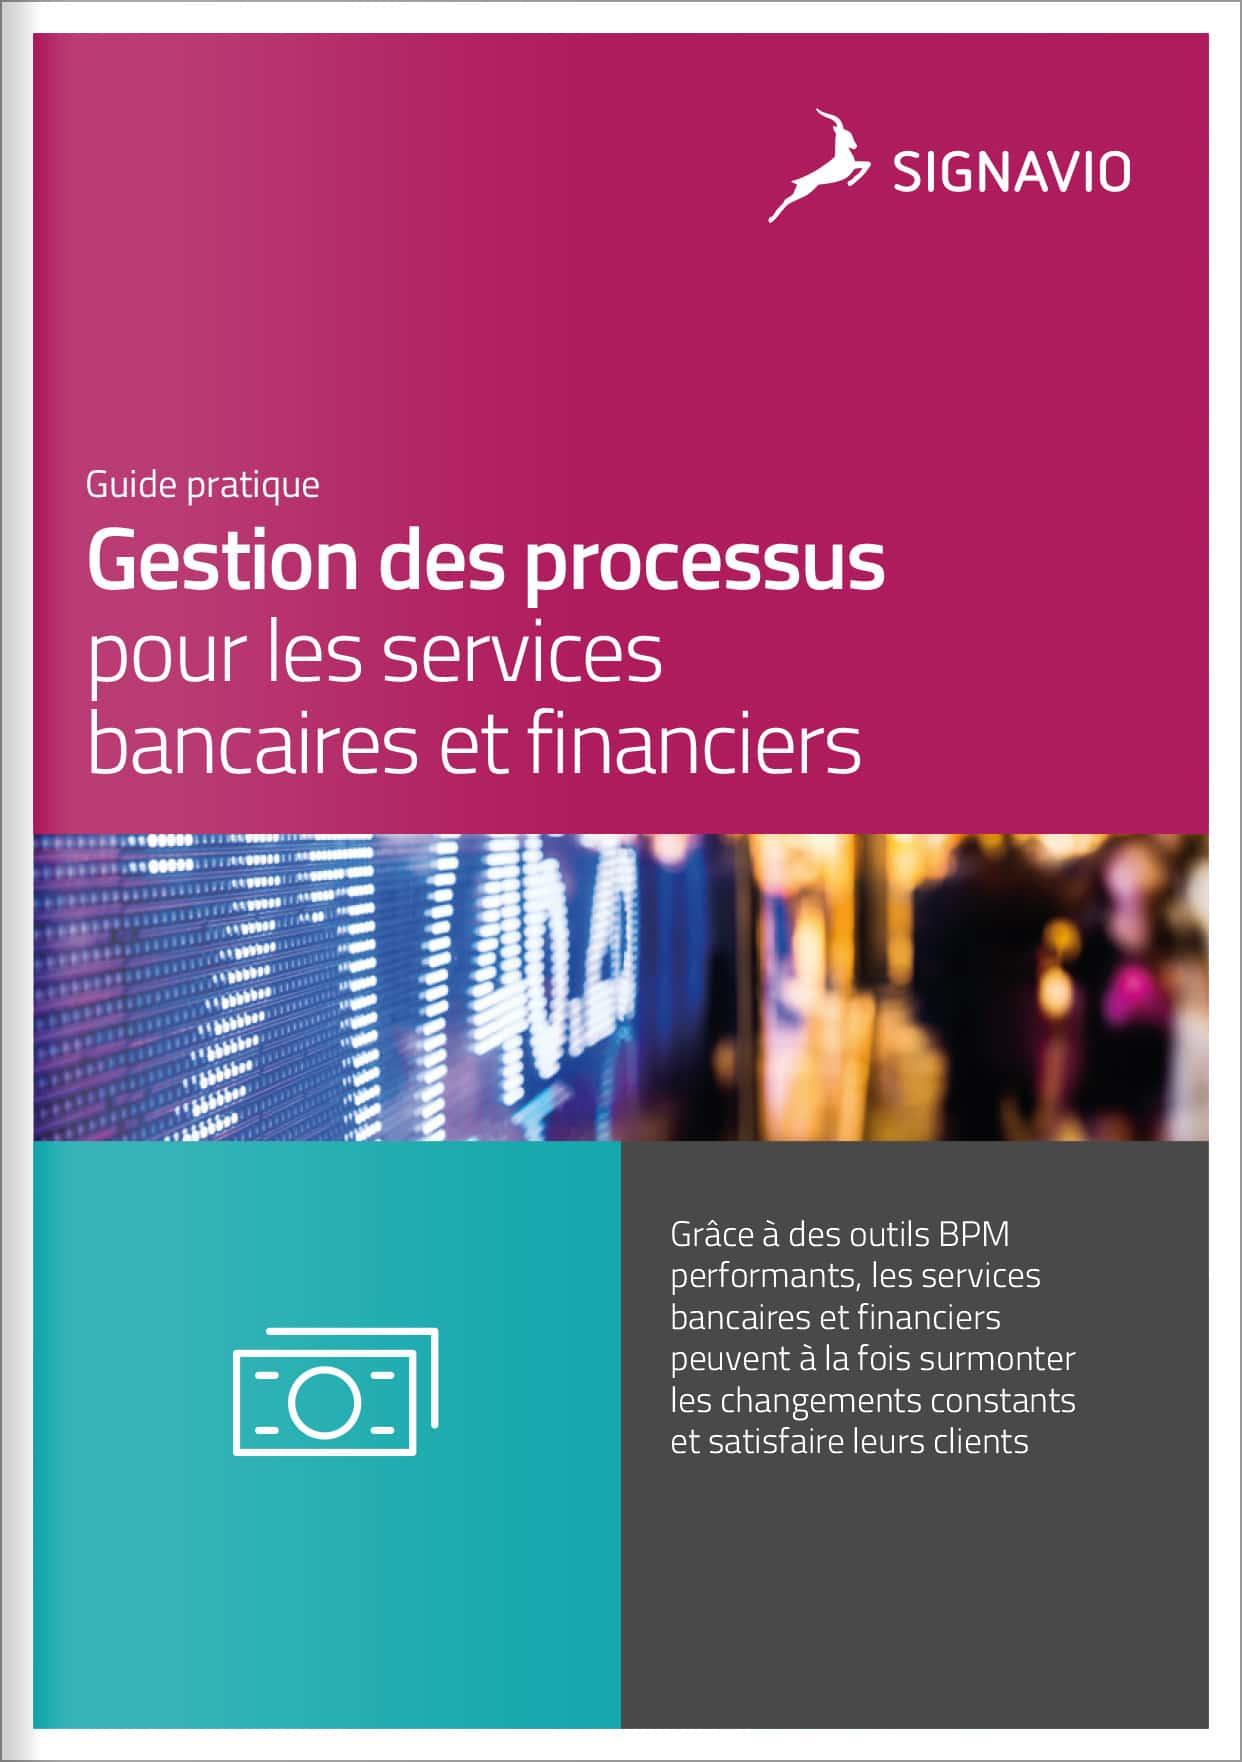 Gestion des processus pour les services bancaires et financiers